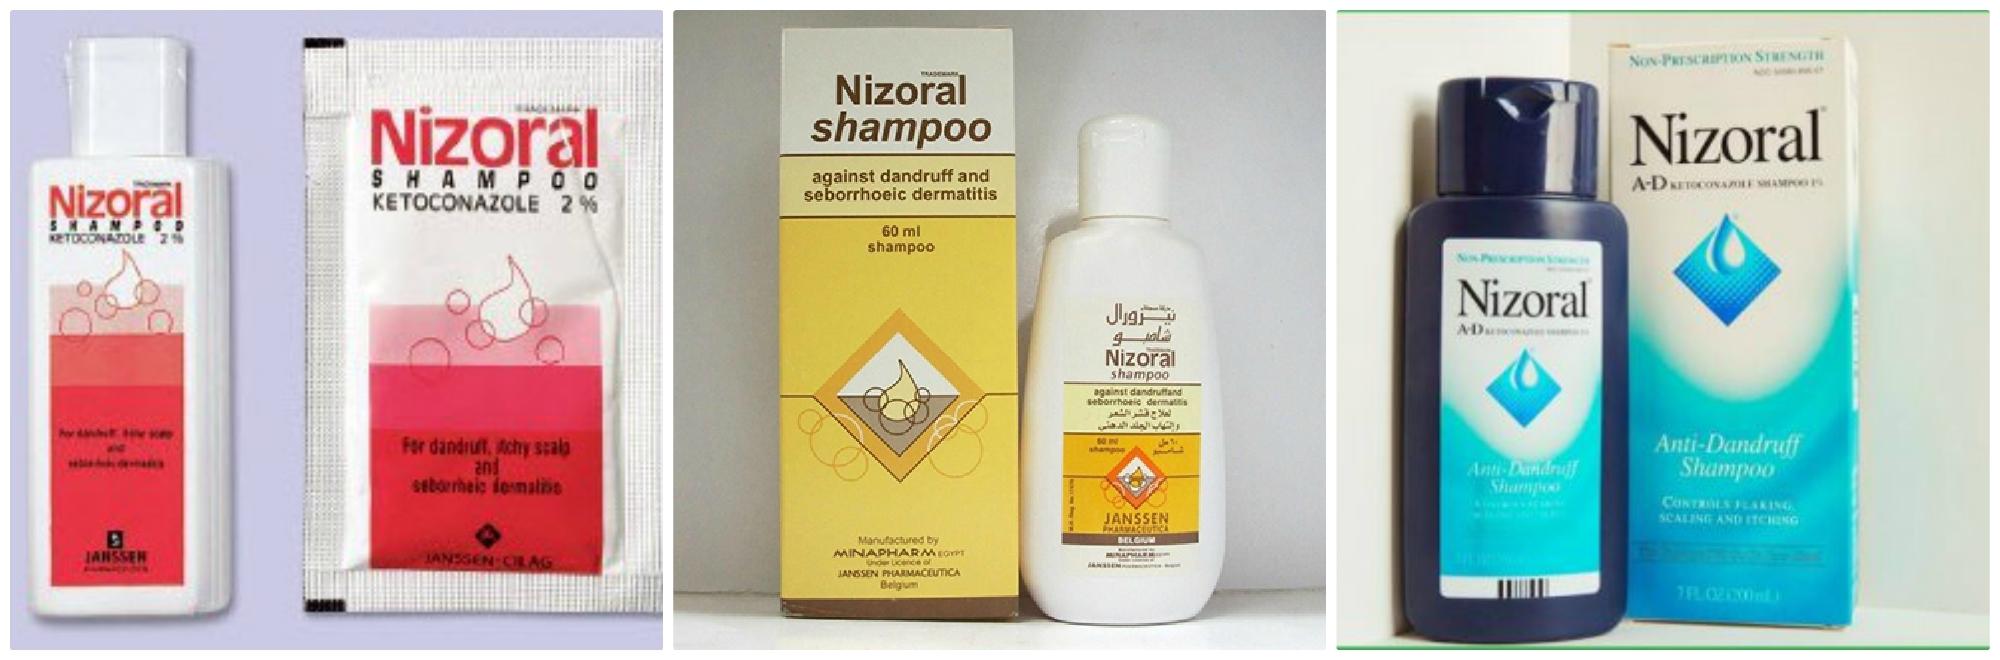 Có mấy loại dầu gội Nizoral hiện nay